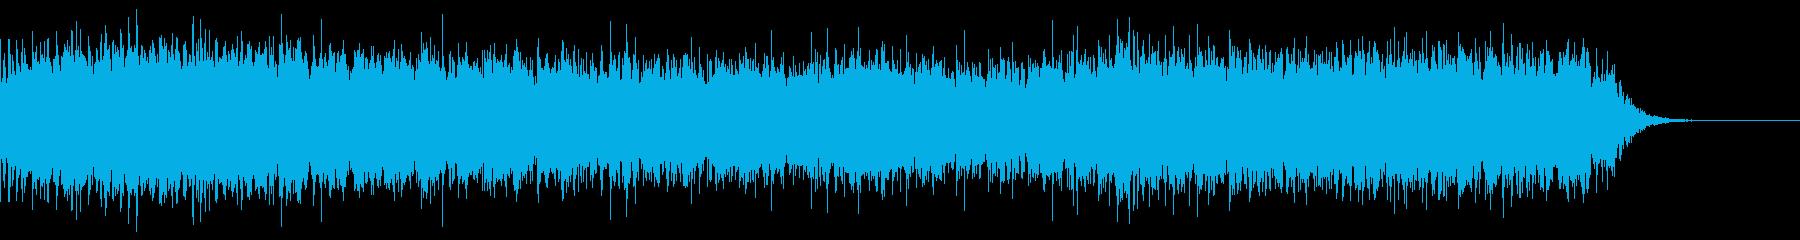 神秘的でフワフワとしたベルの綺麗な曲の再生済みの波形